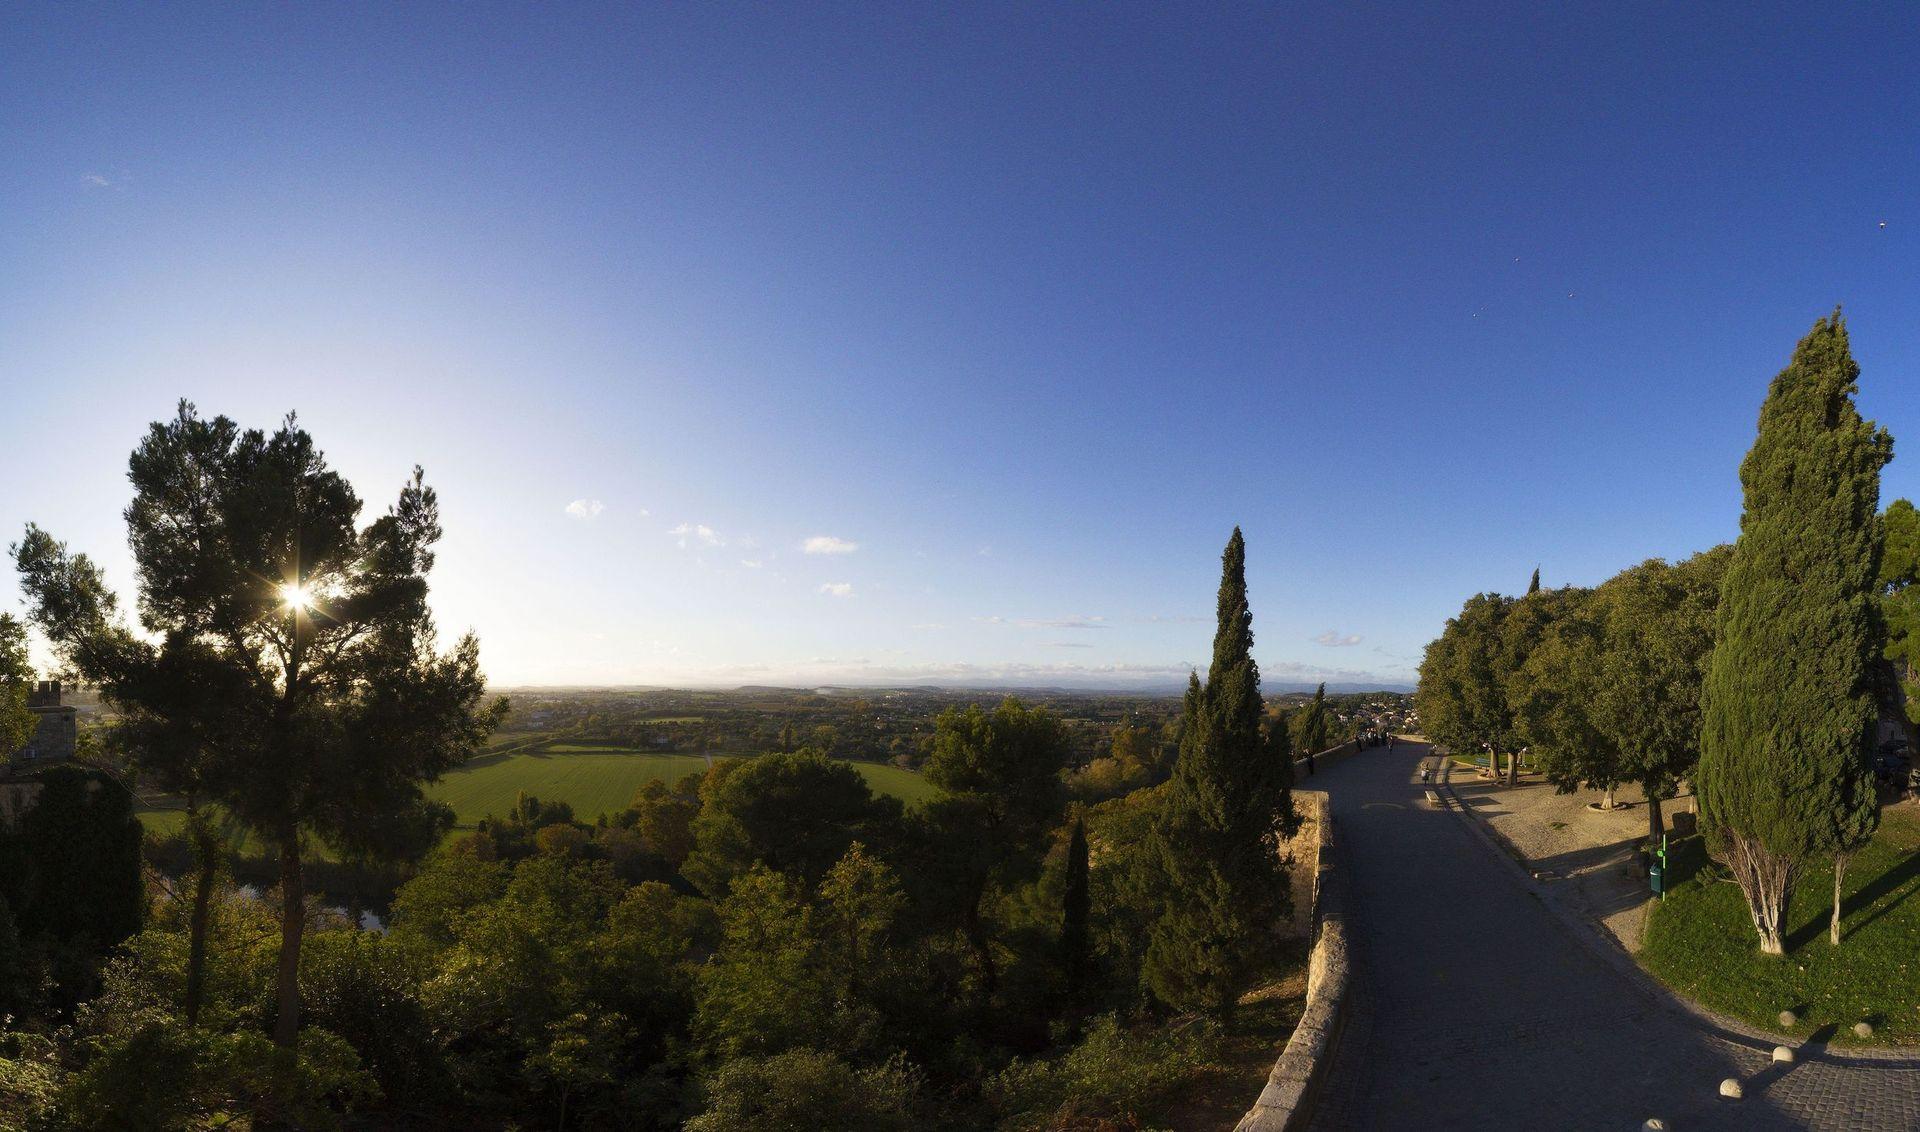 Vue sur la plaine languedocienne depuis le parvis de la cathédrale Saint Nazaire à Béziers